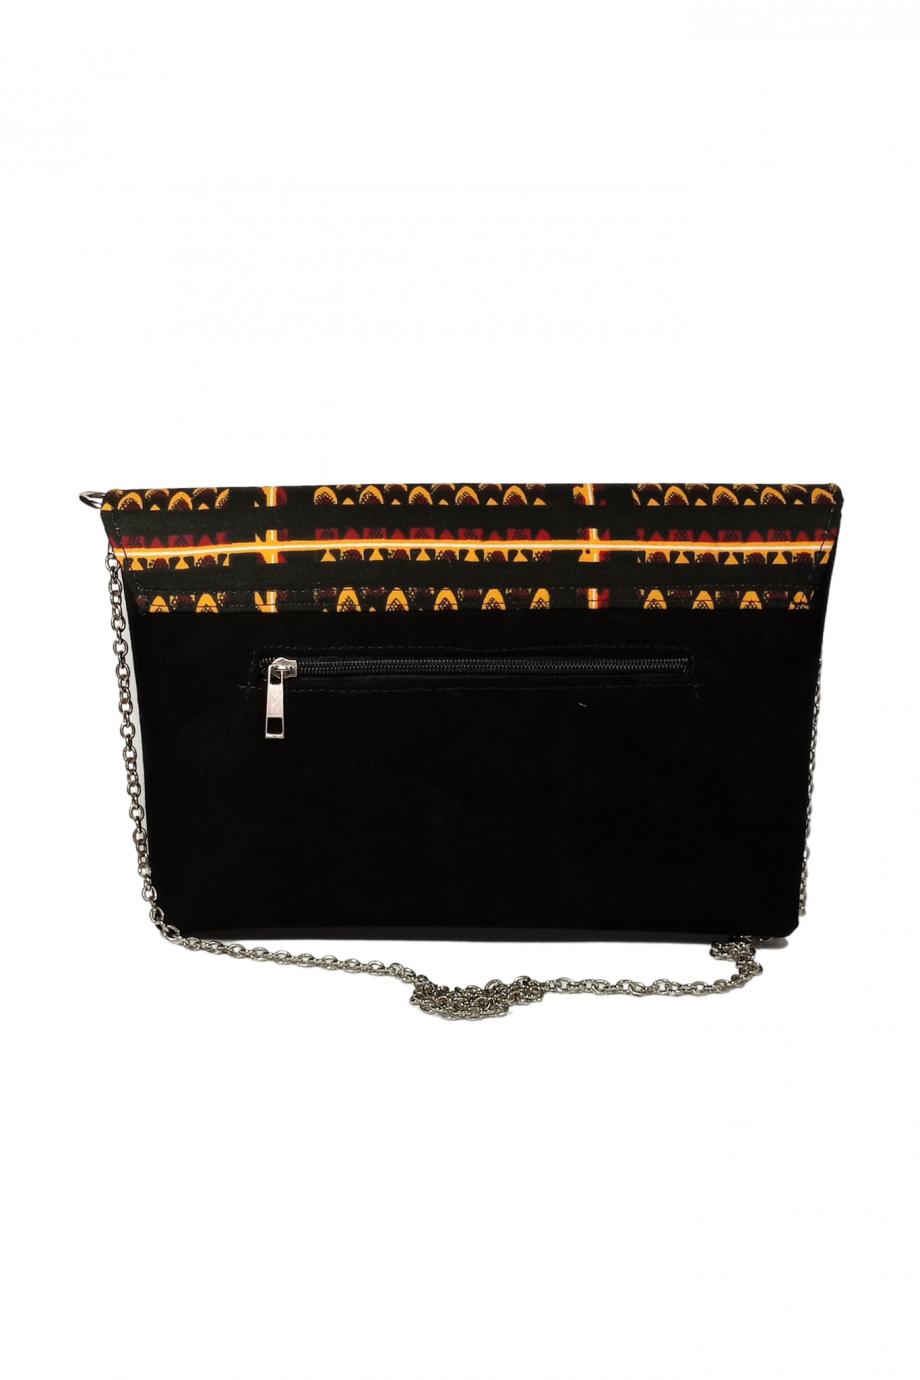 Ankara Suede Handbag with Shoulder Chain AZU by Naborhi